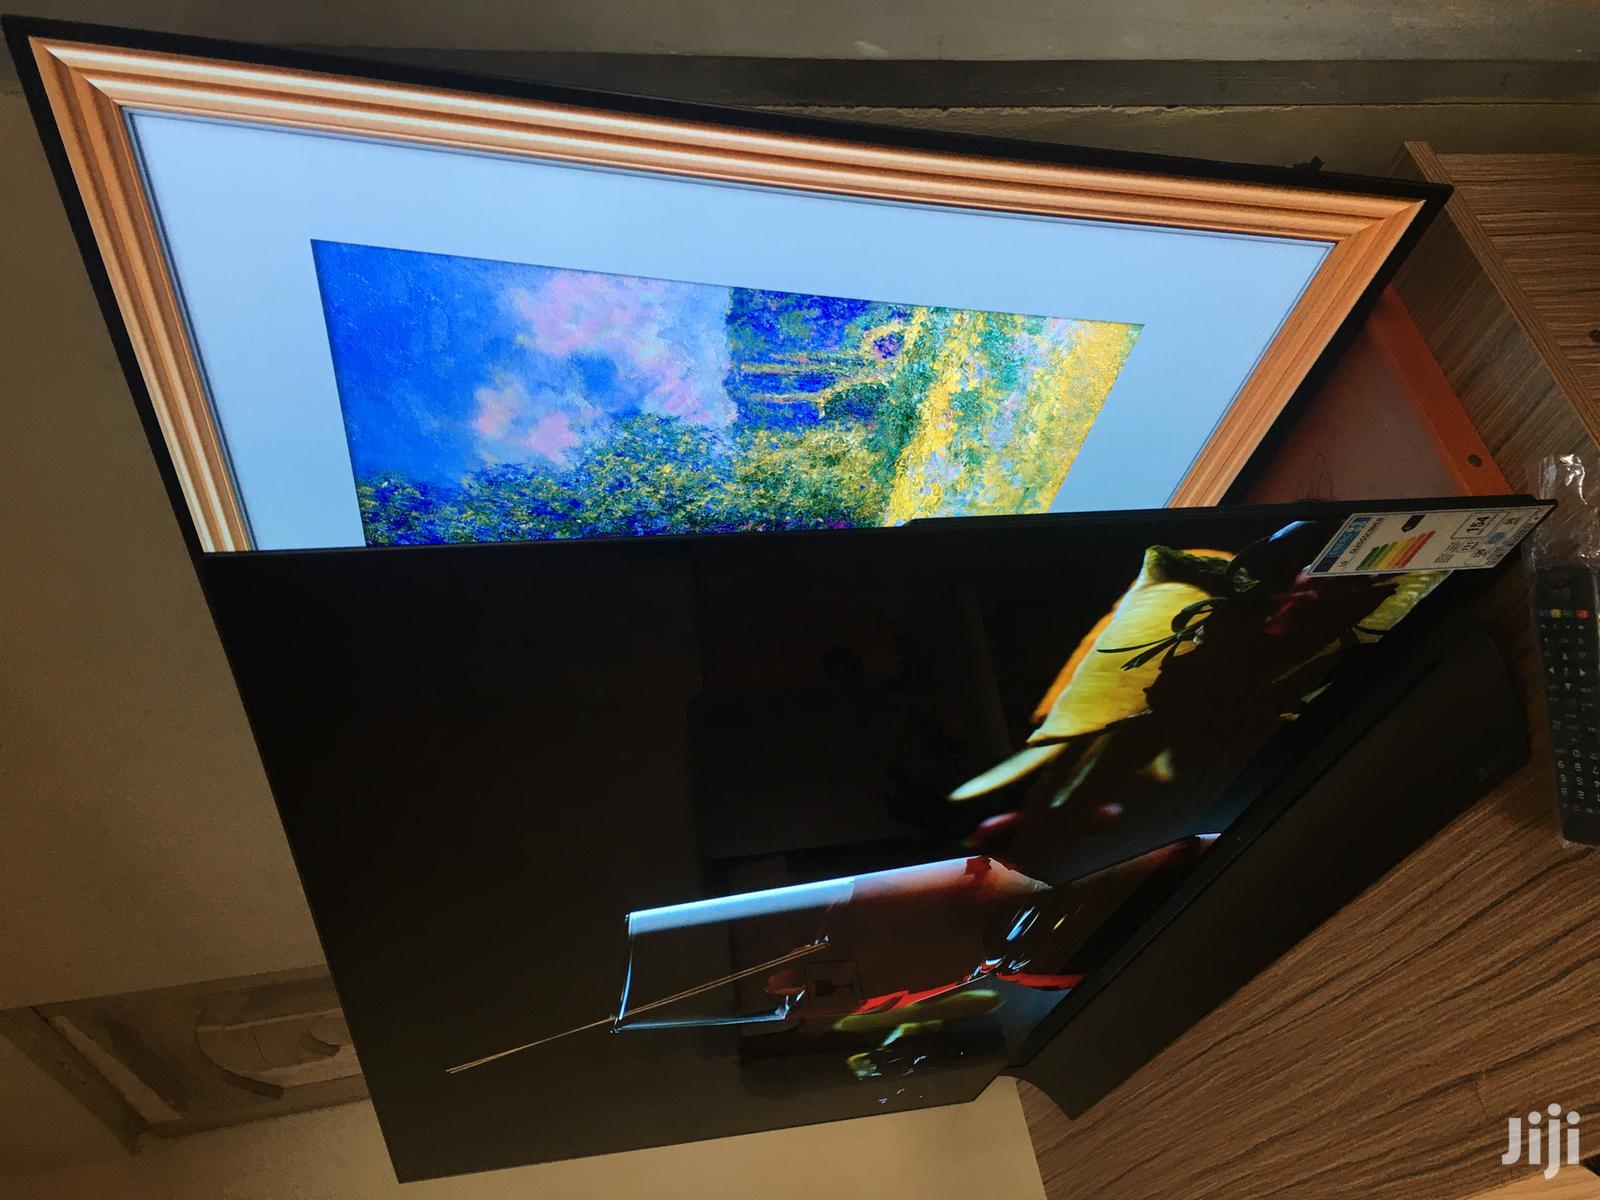 LG Electronics Oled55b8pua 55-Inch 4K Ultra HD Smart Oled TV